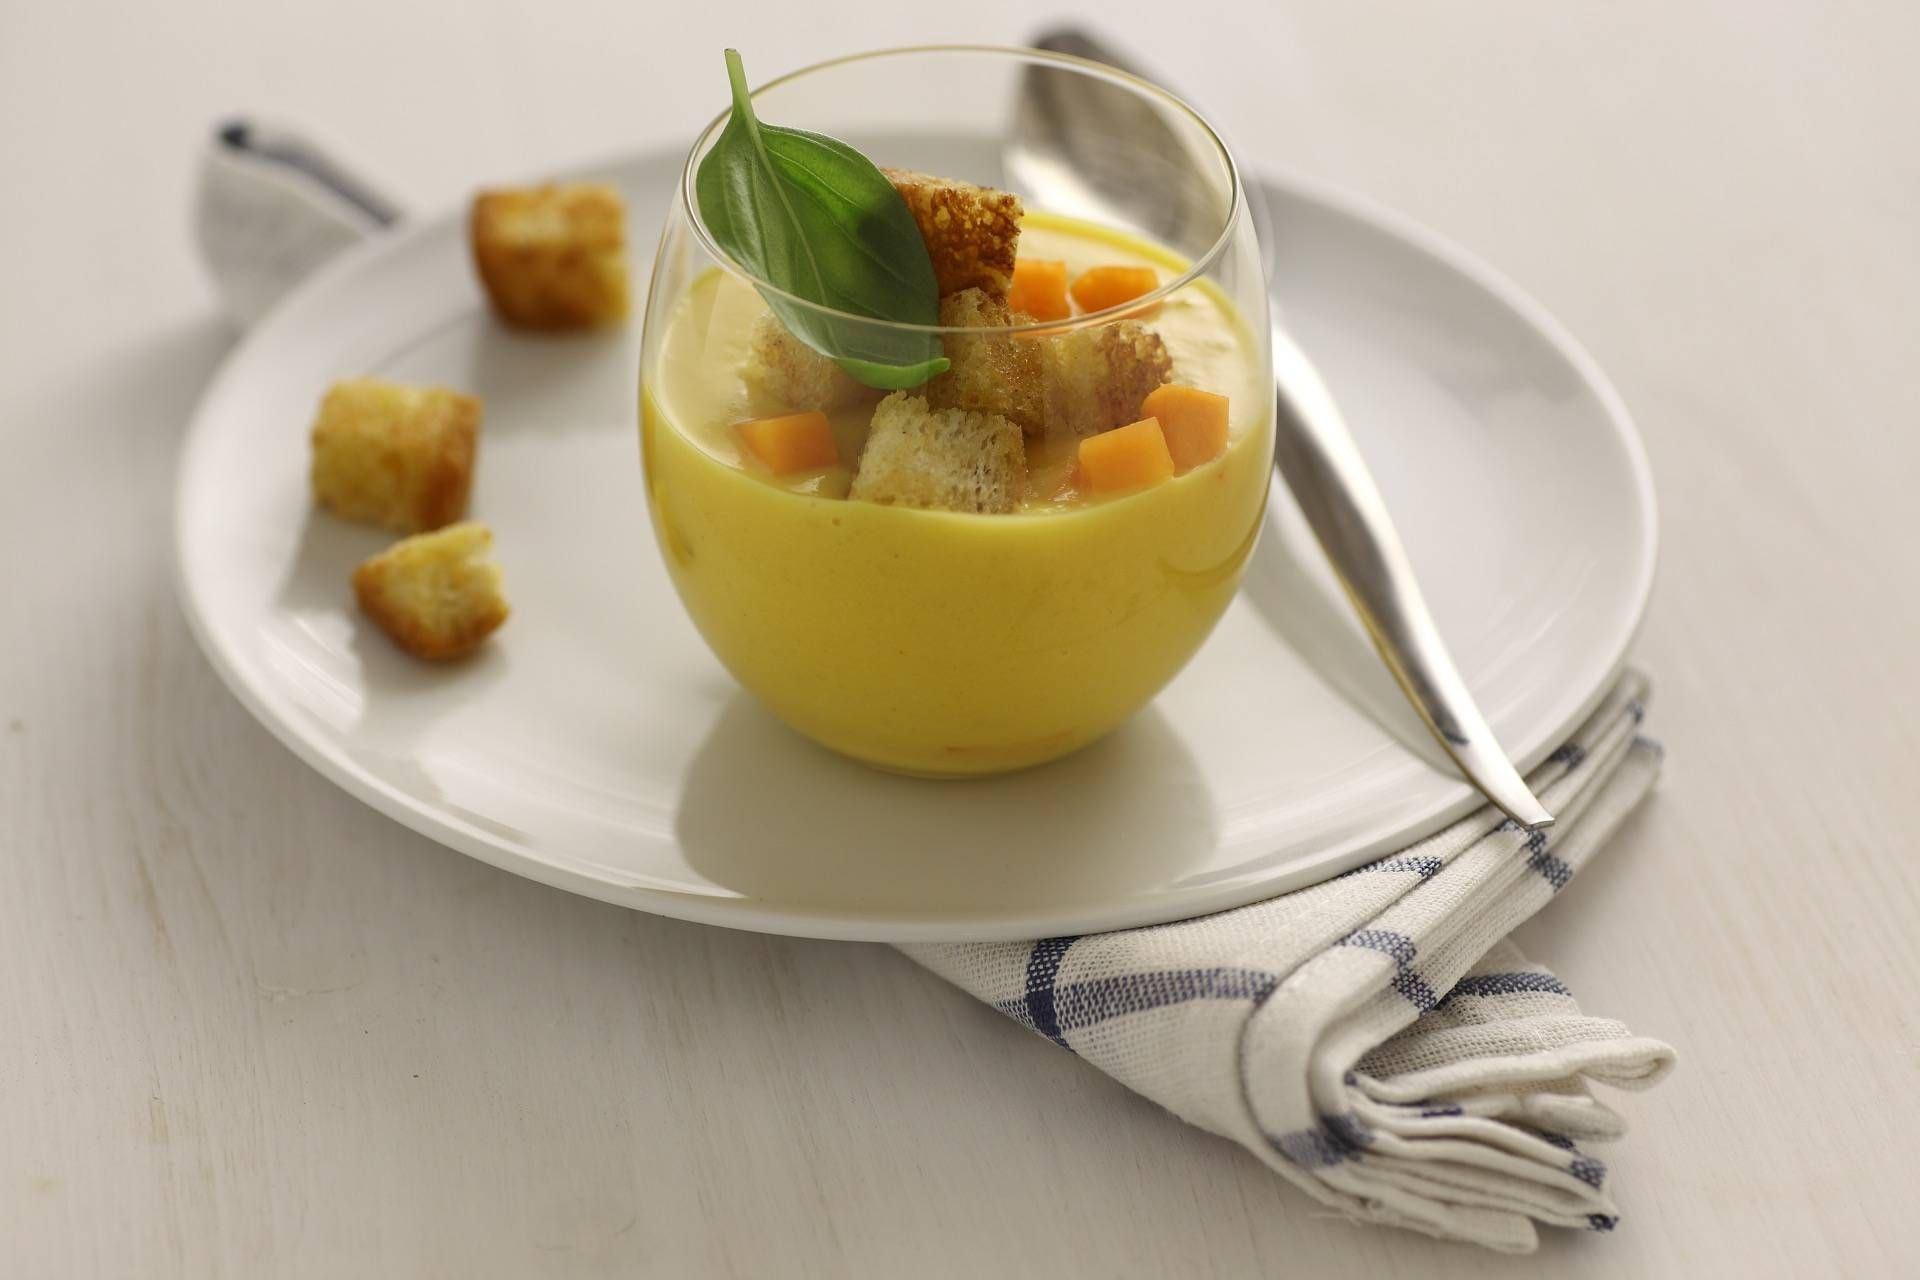 Crema di zucca e patate - Parmalat